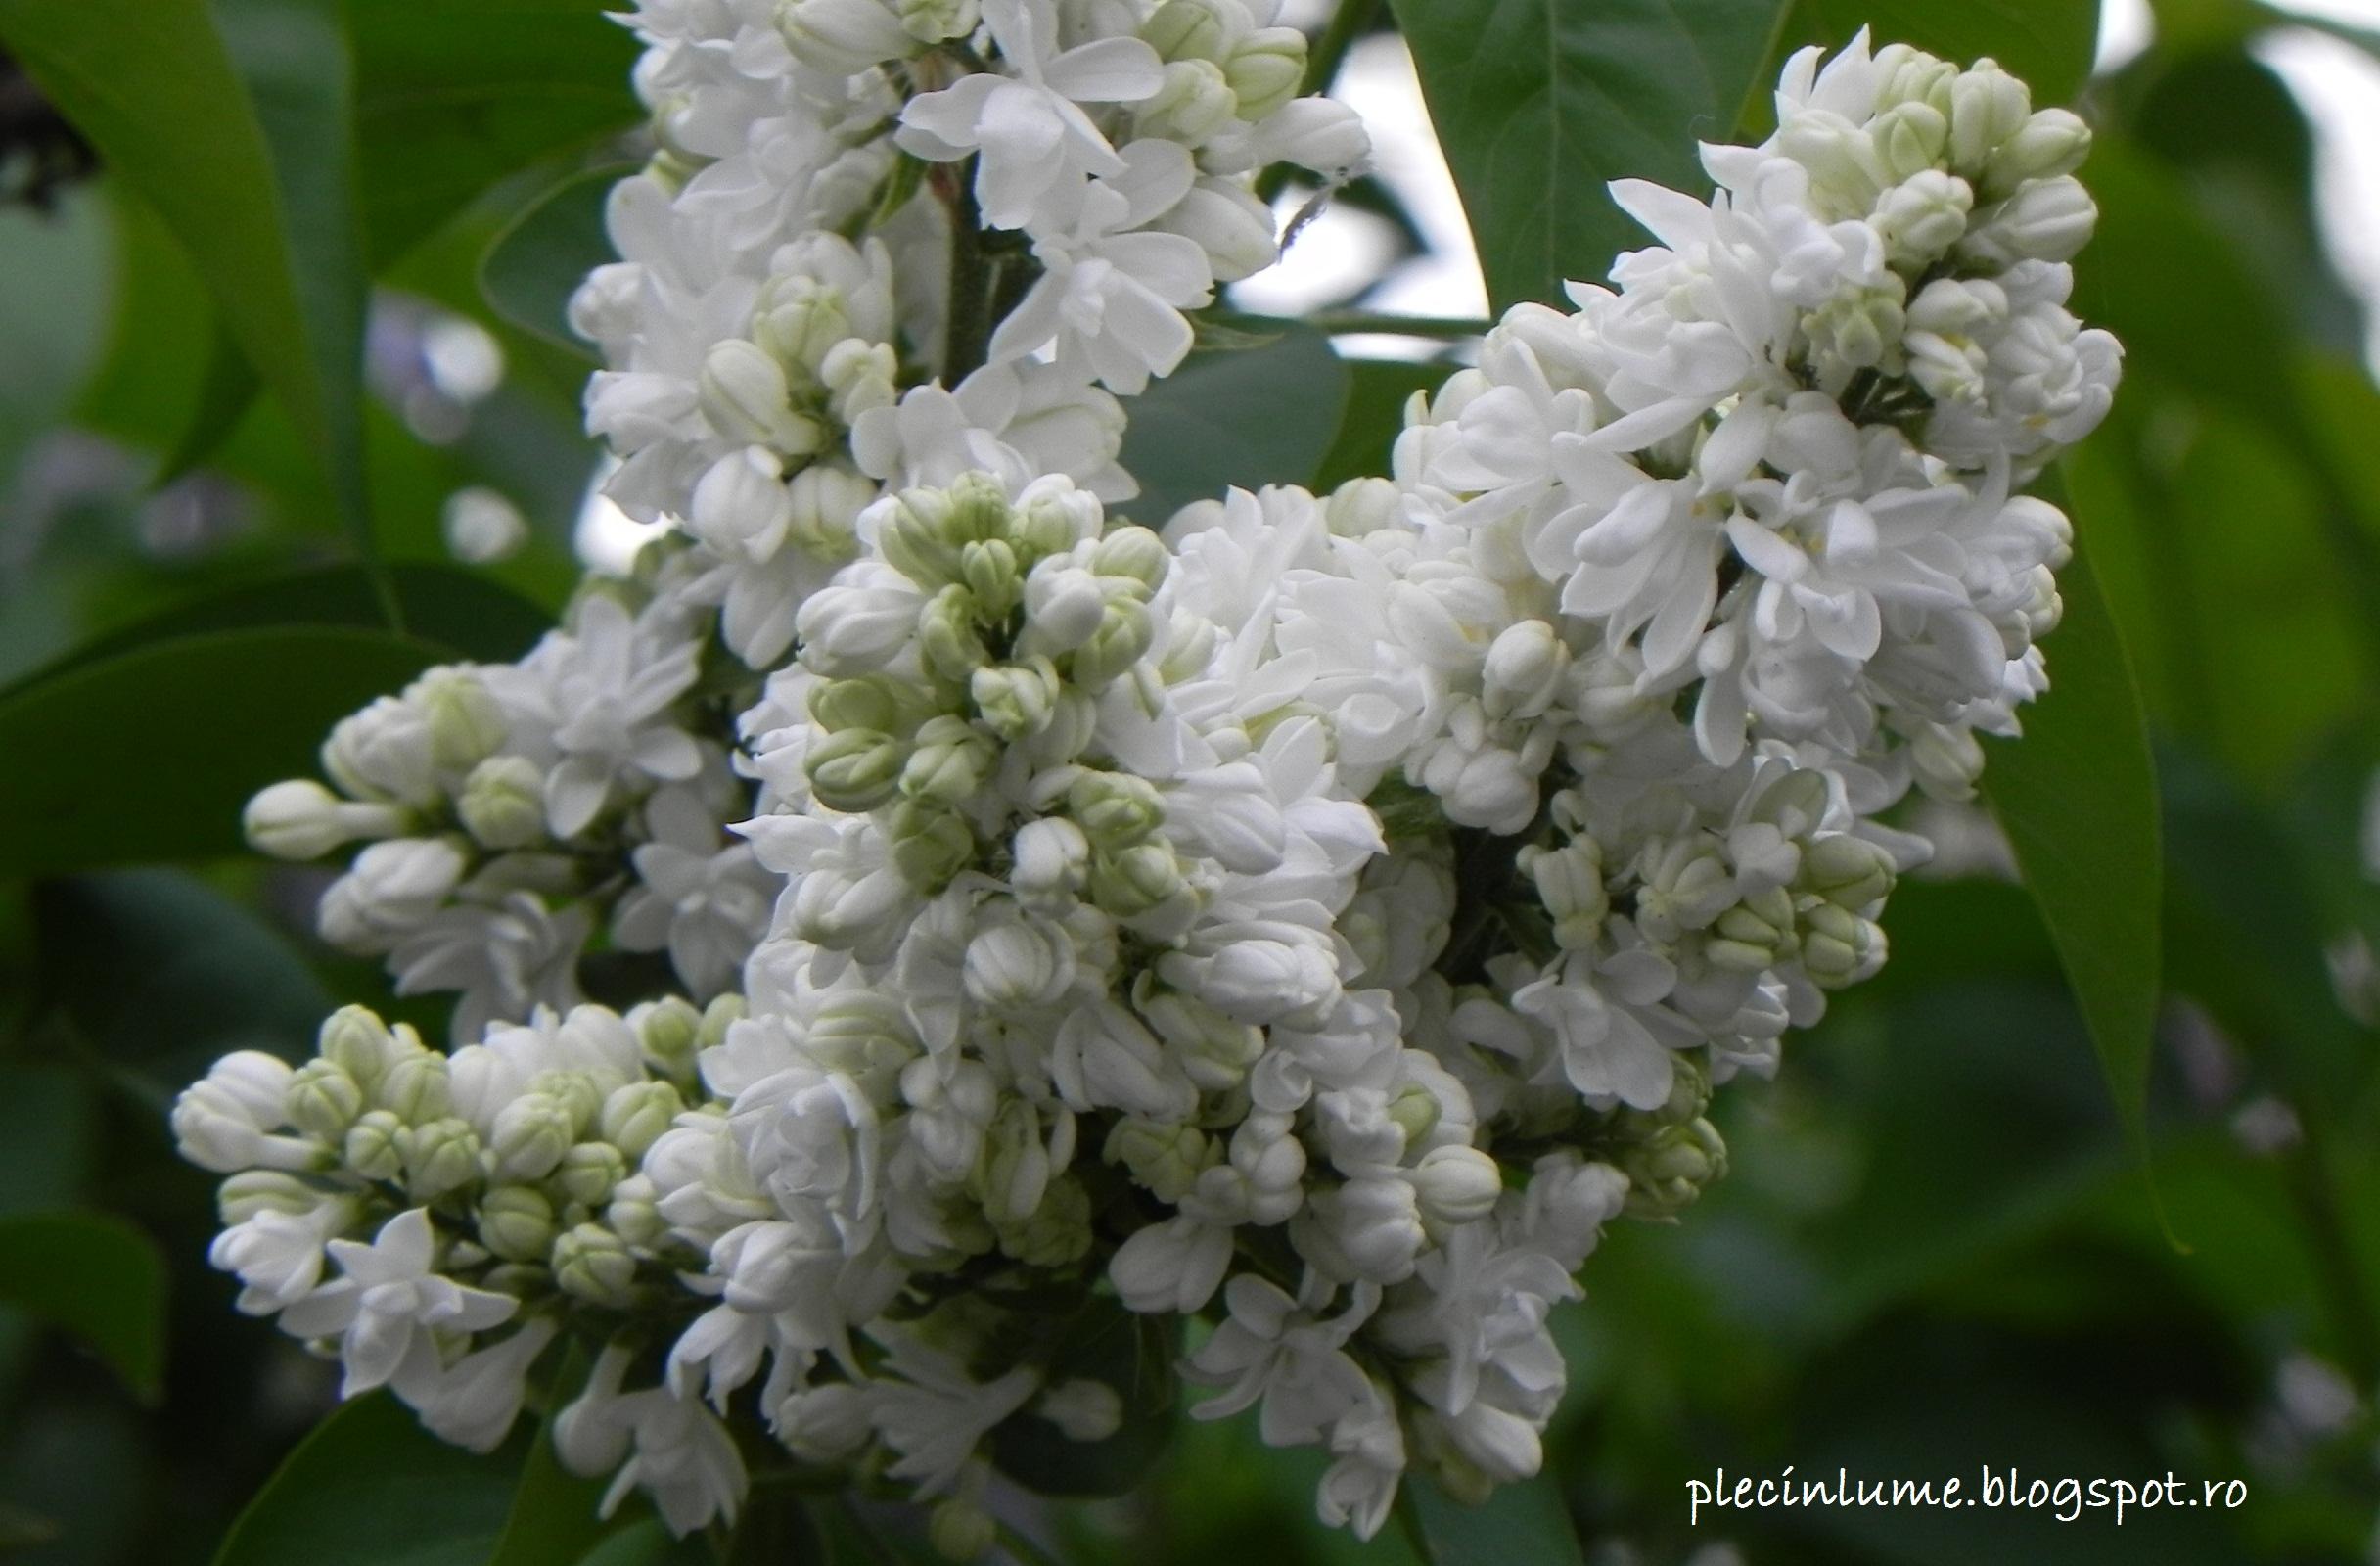 rezervatii naturale de flori